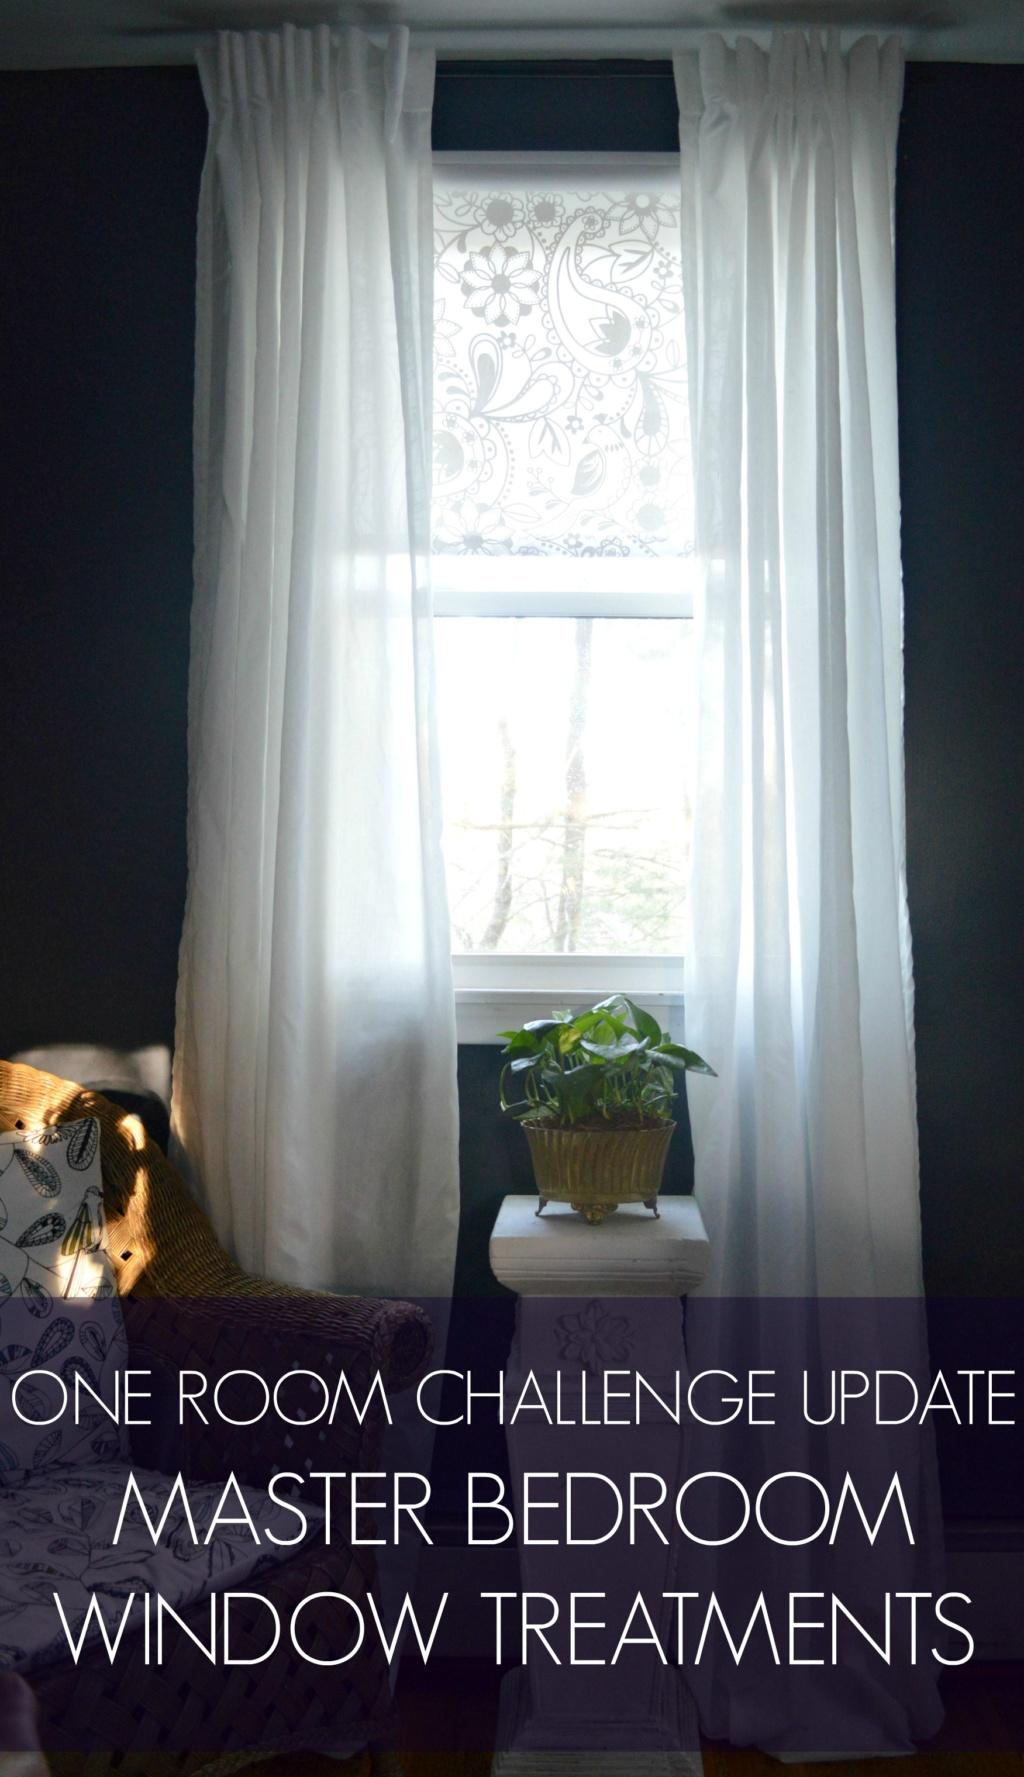 One Room Challenge Update – Master Bedroom Window Treatments